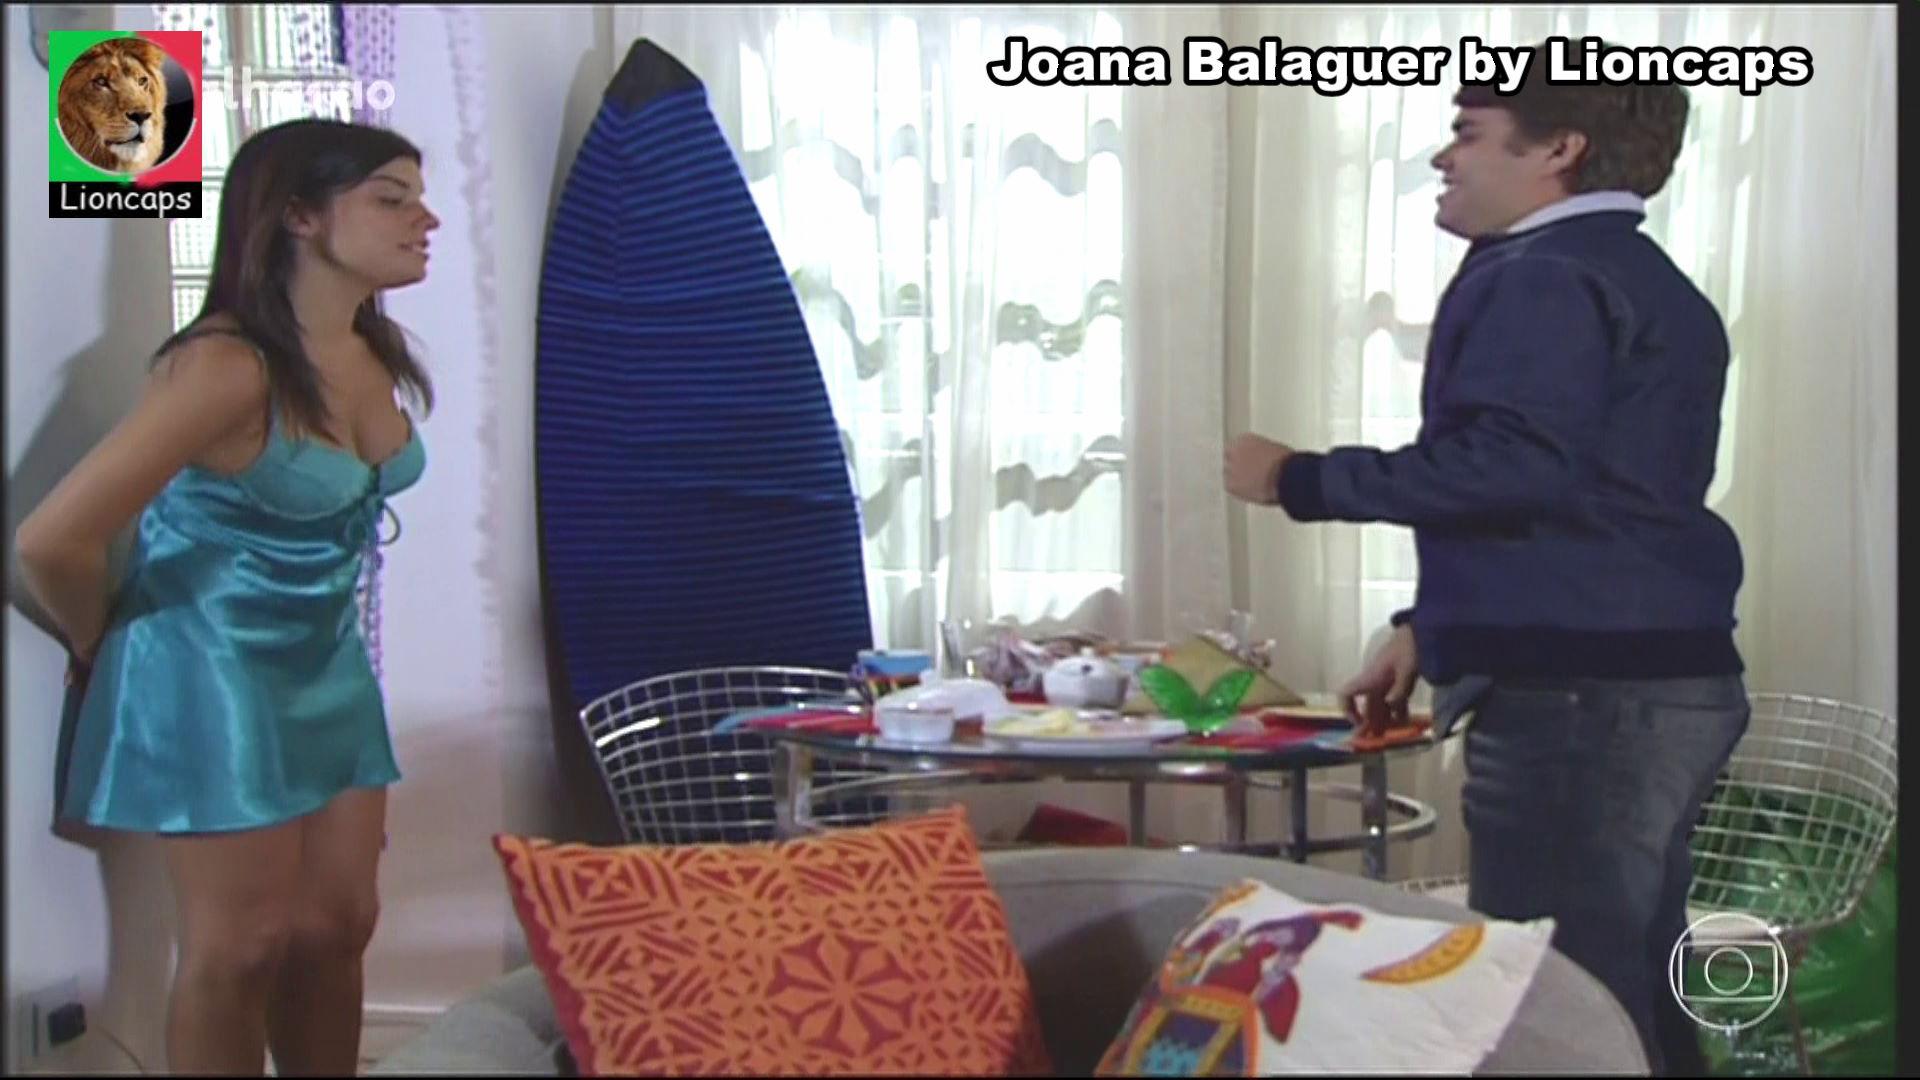 355551918_joana_balaguer_vs190612_1906_122_381lo.JPG